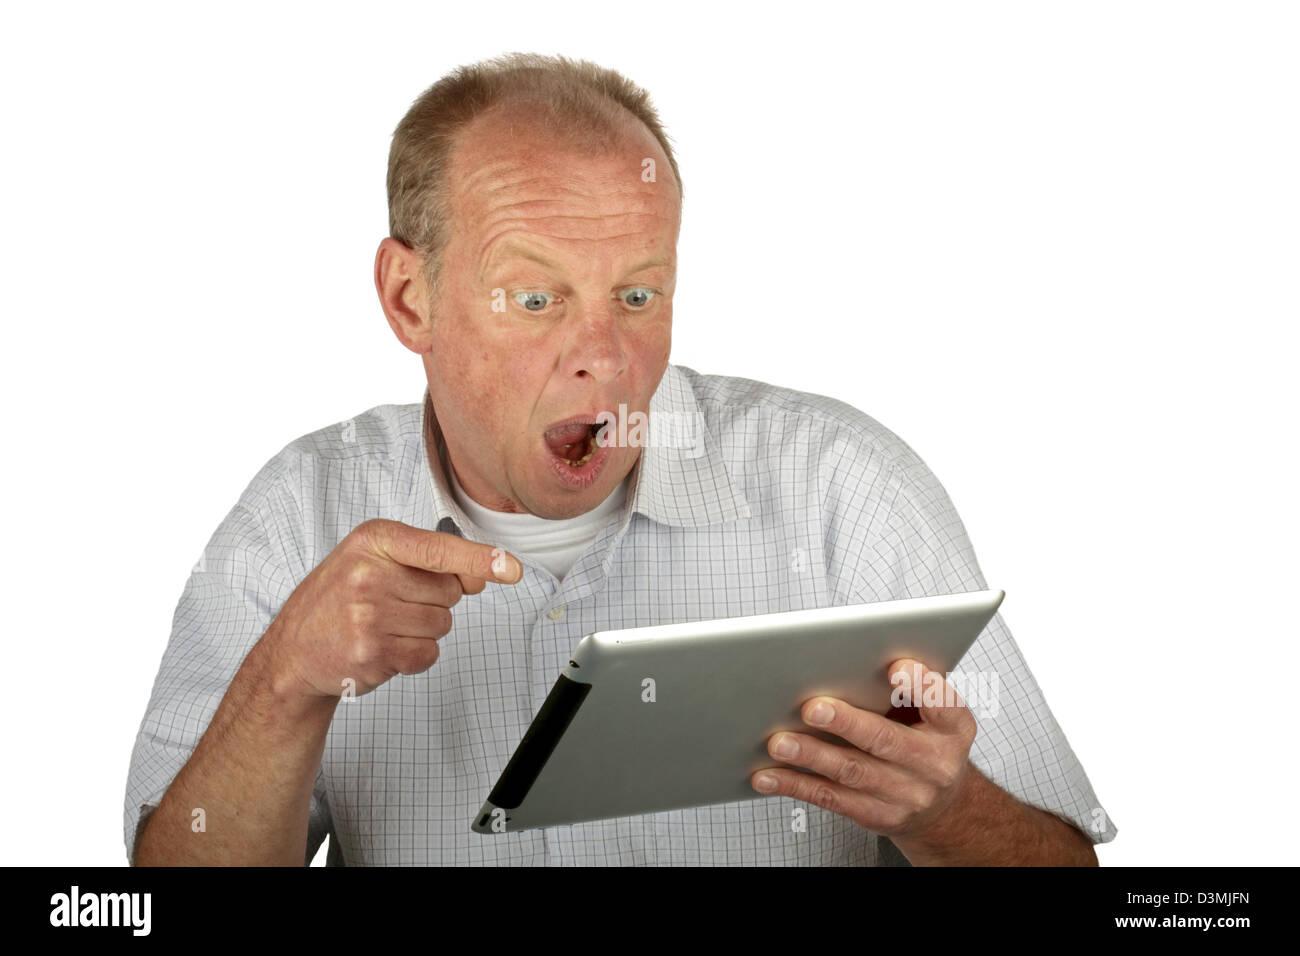 Stupito uomo che guarda il proprio computer tablet Immagini Stock